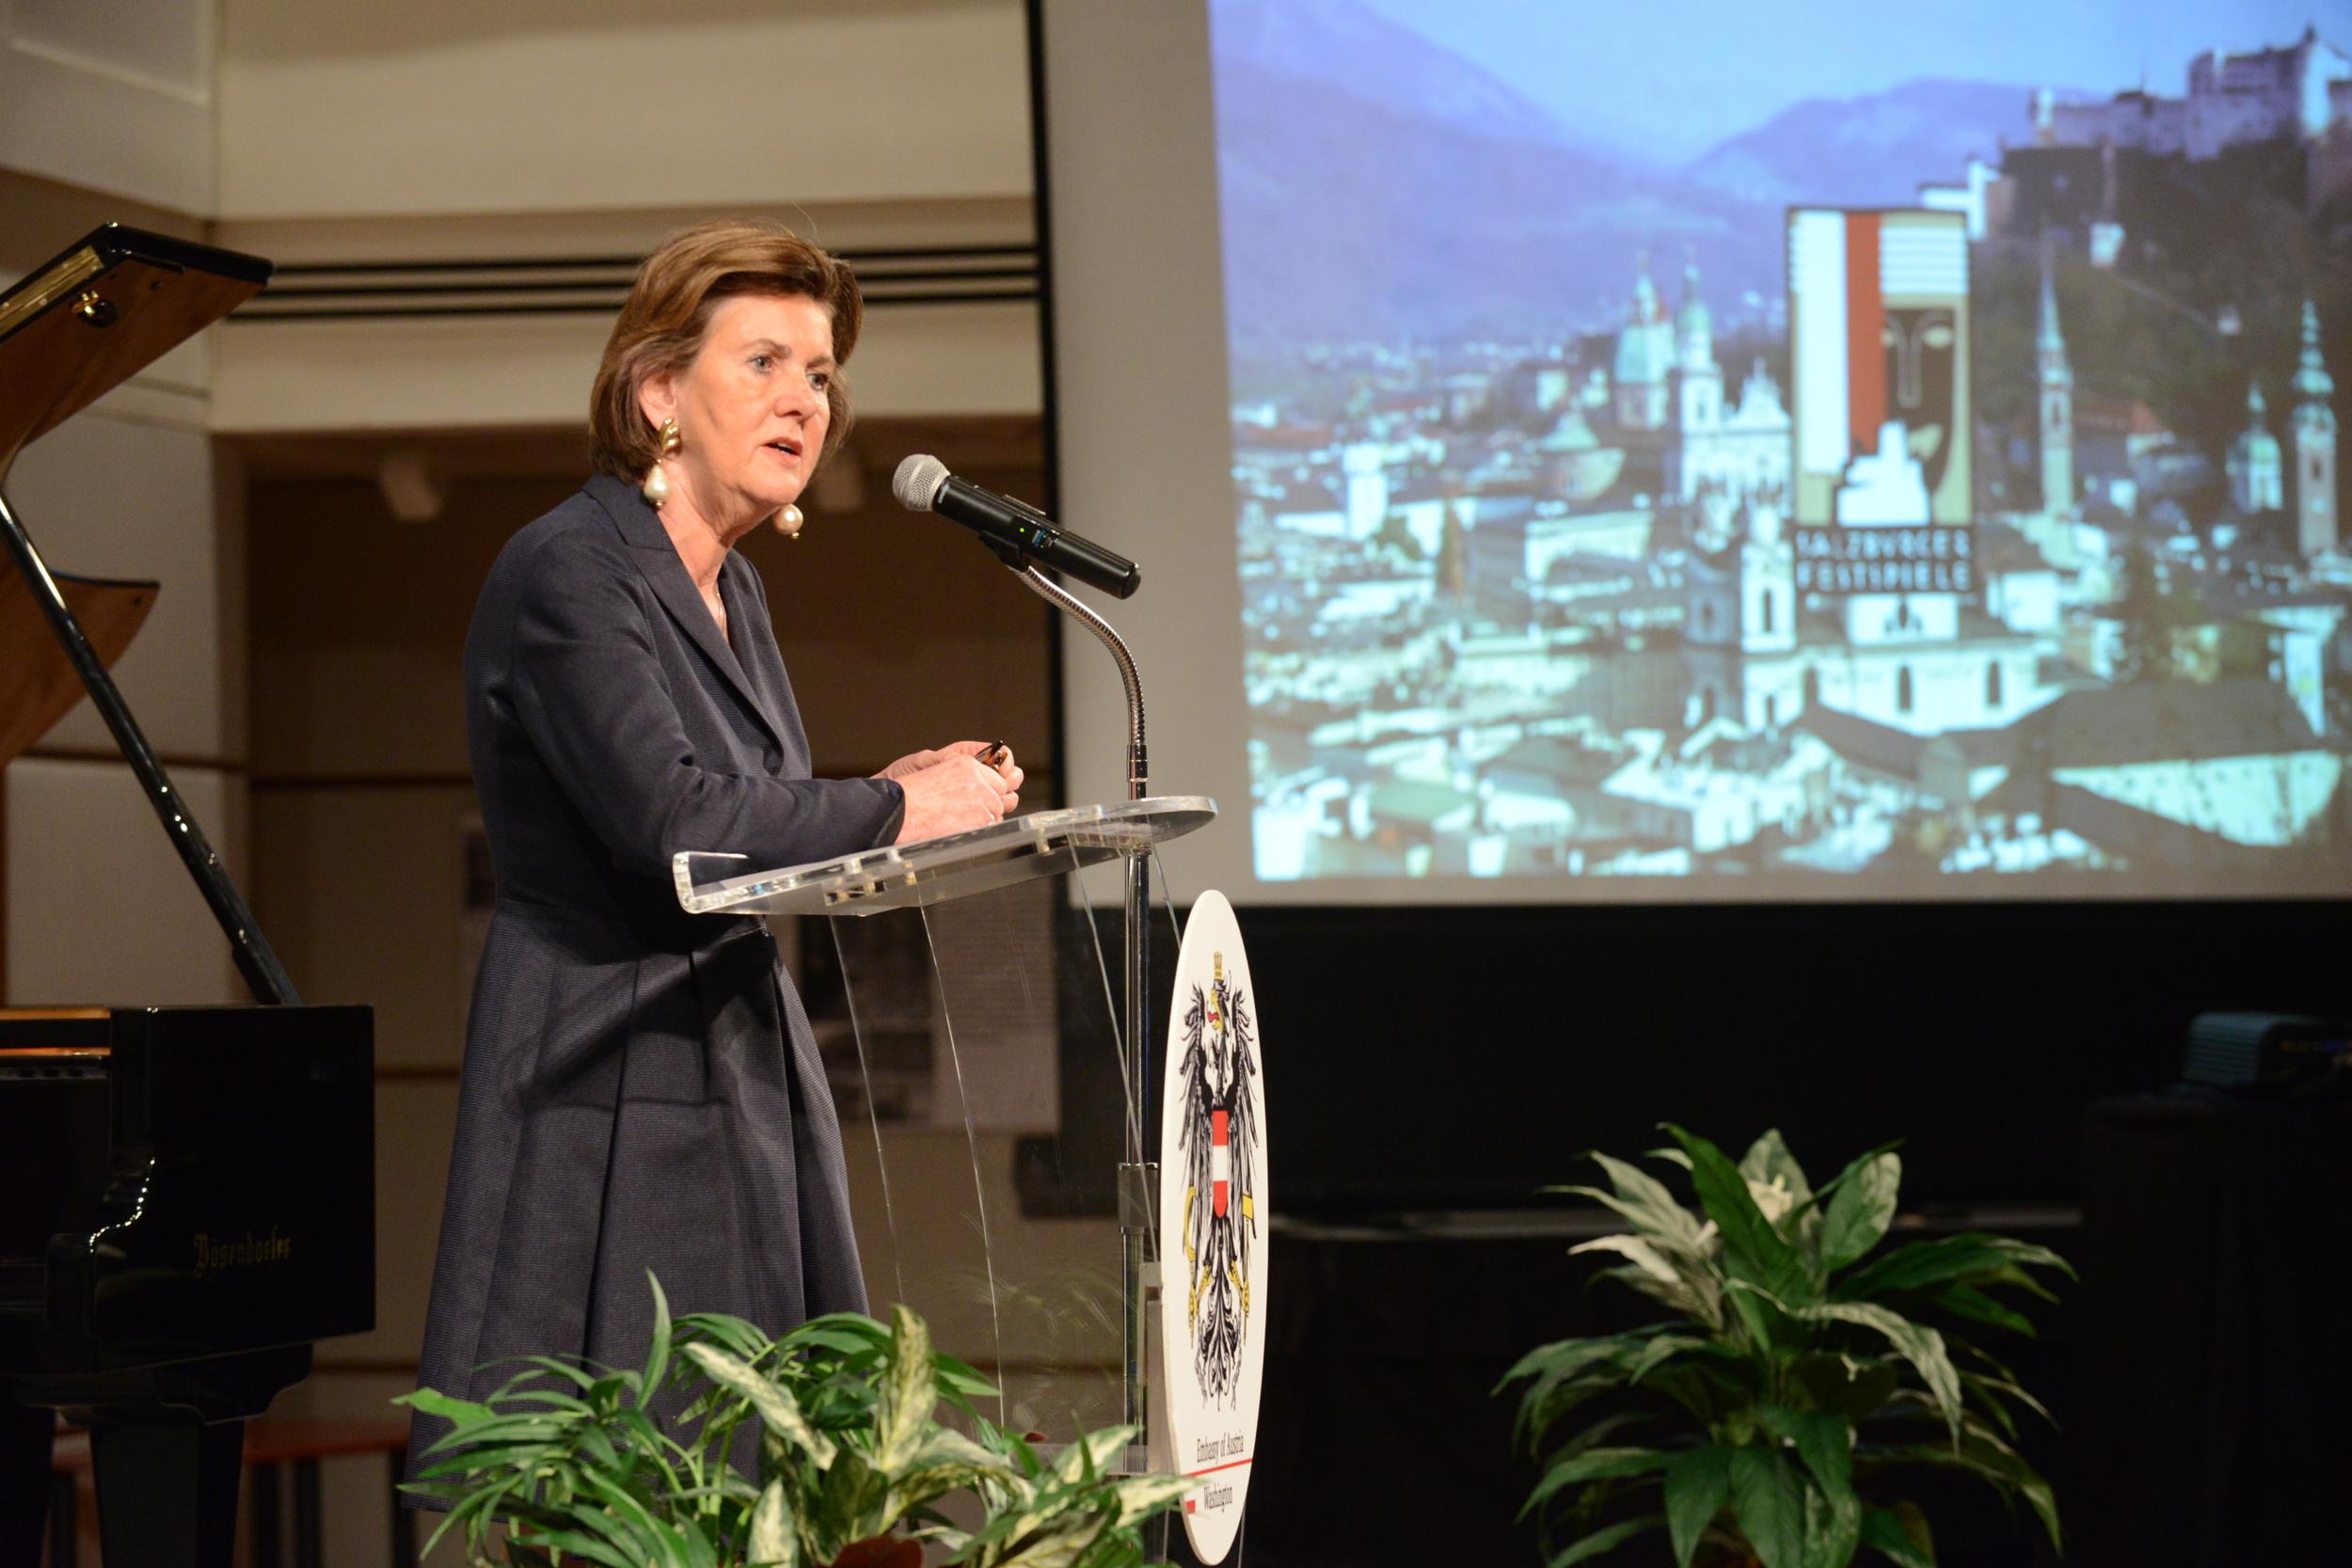 Helga Rabl-Stadler, President of the Slazburg Festival